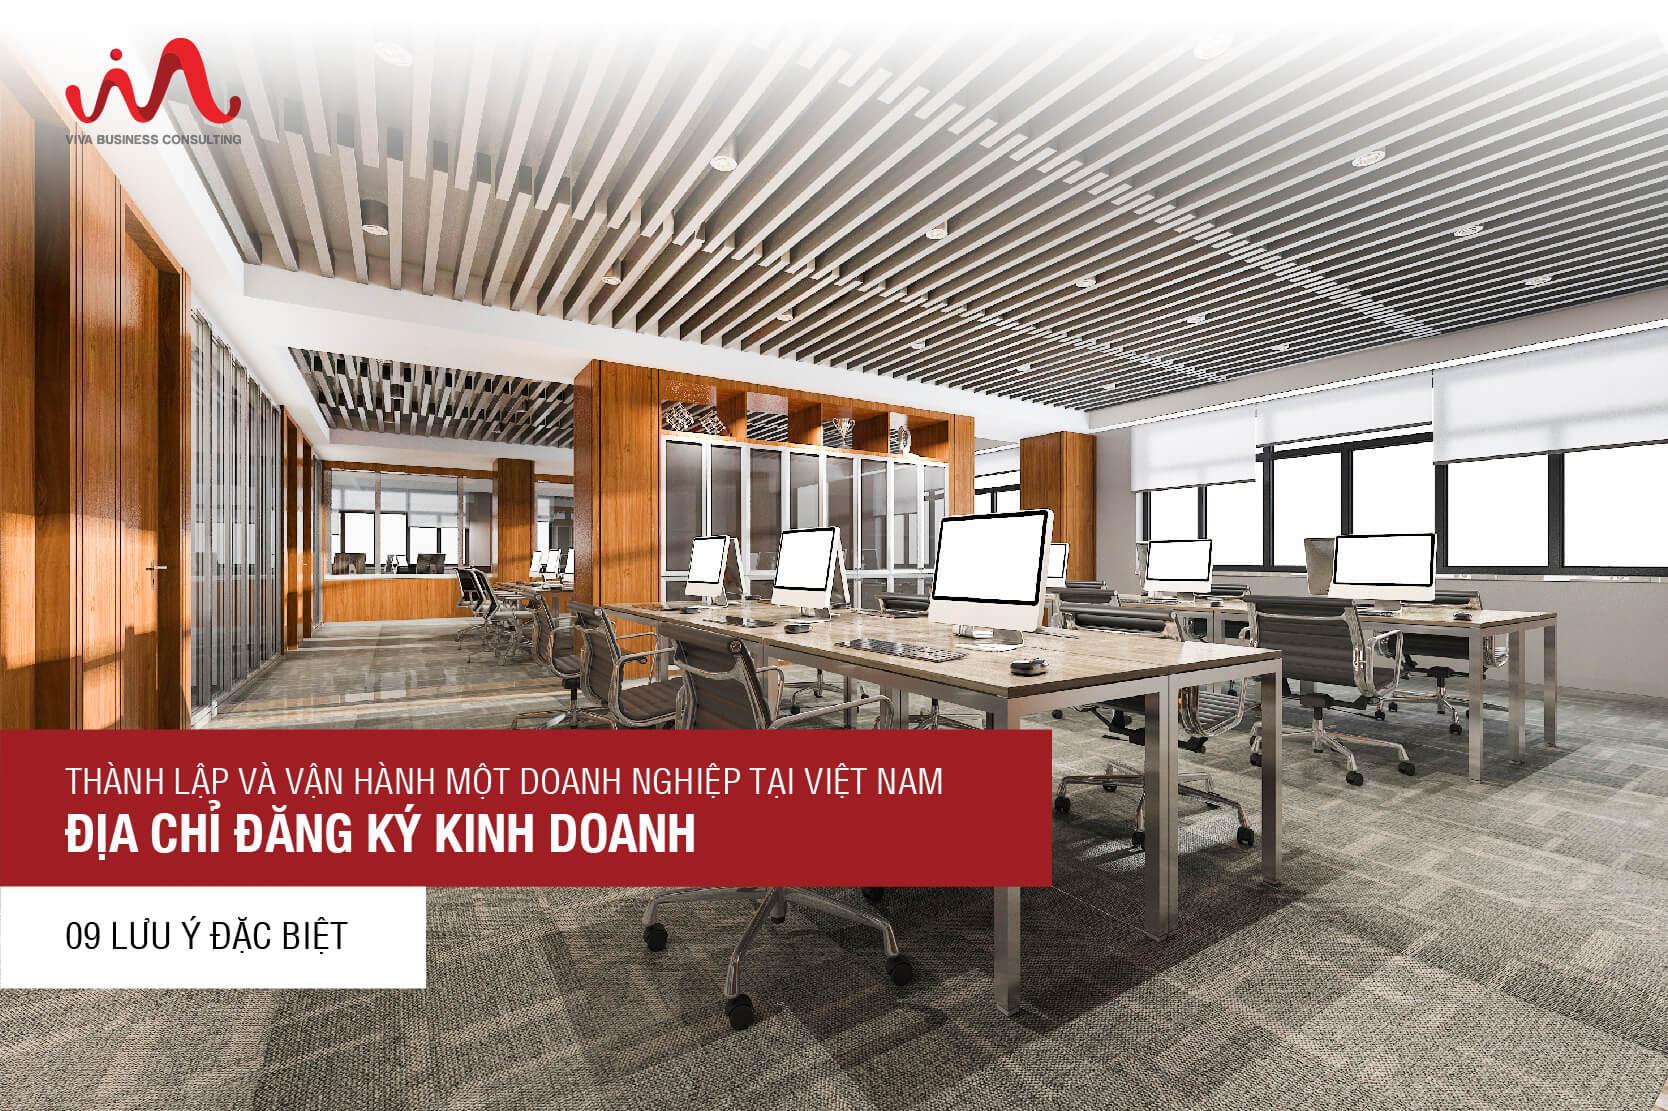 Địa chỉ đăng ký kinh doanh - thành lập và vận hành một doanh nghiệp tại Việt Nam